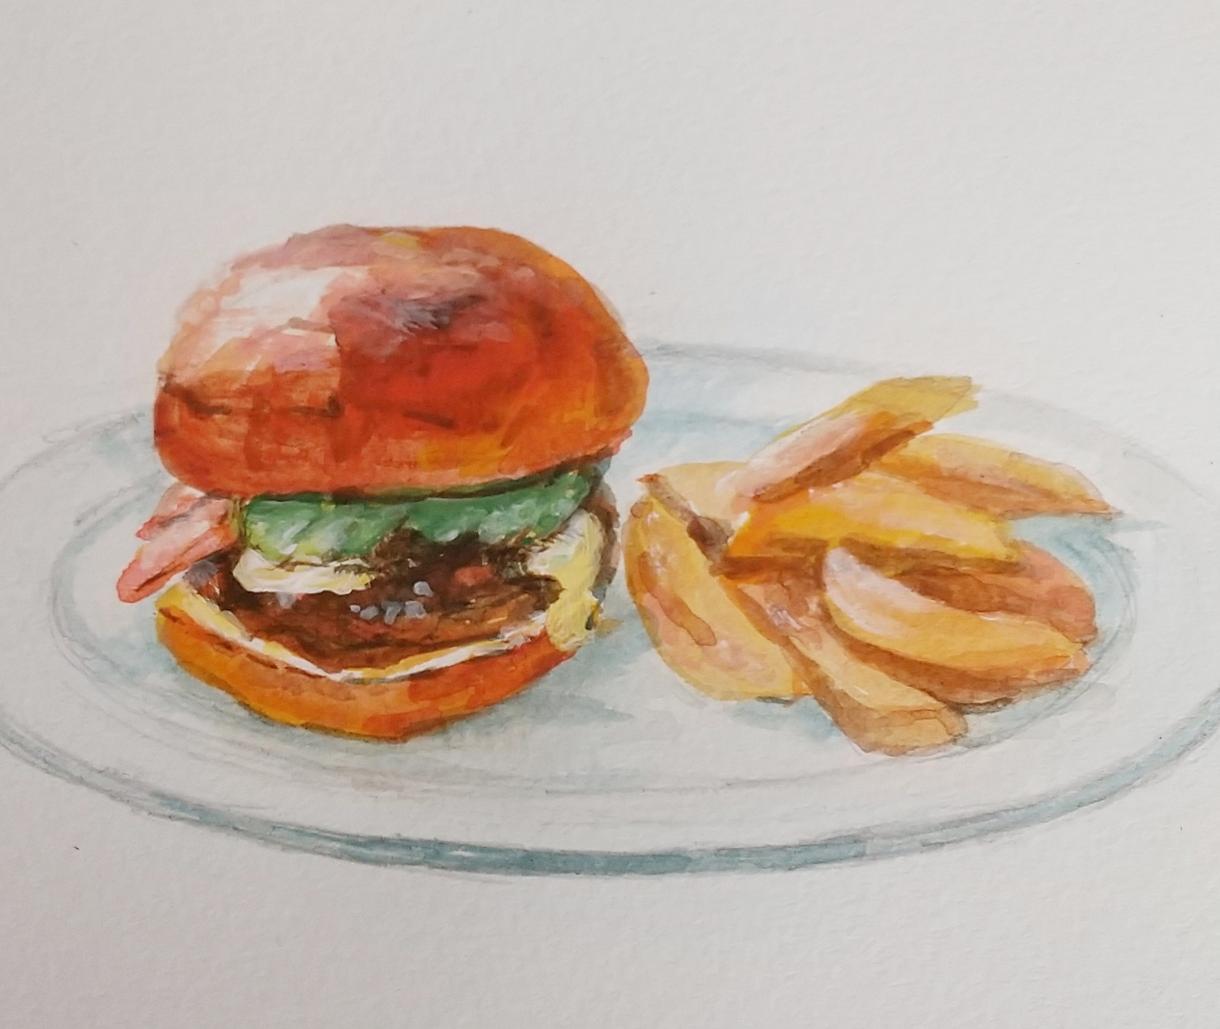 食品イラストや、メニュー、看板デザインなど承ります 芸確かな画力で素敵なイラスト、デザインをご提供します。 イメージ1